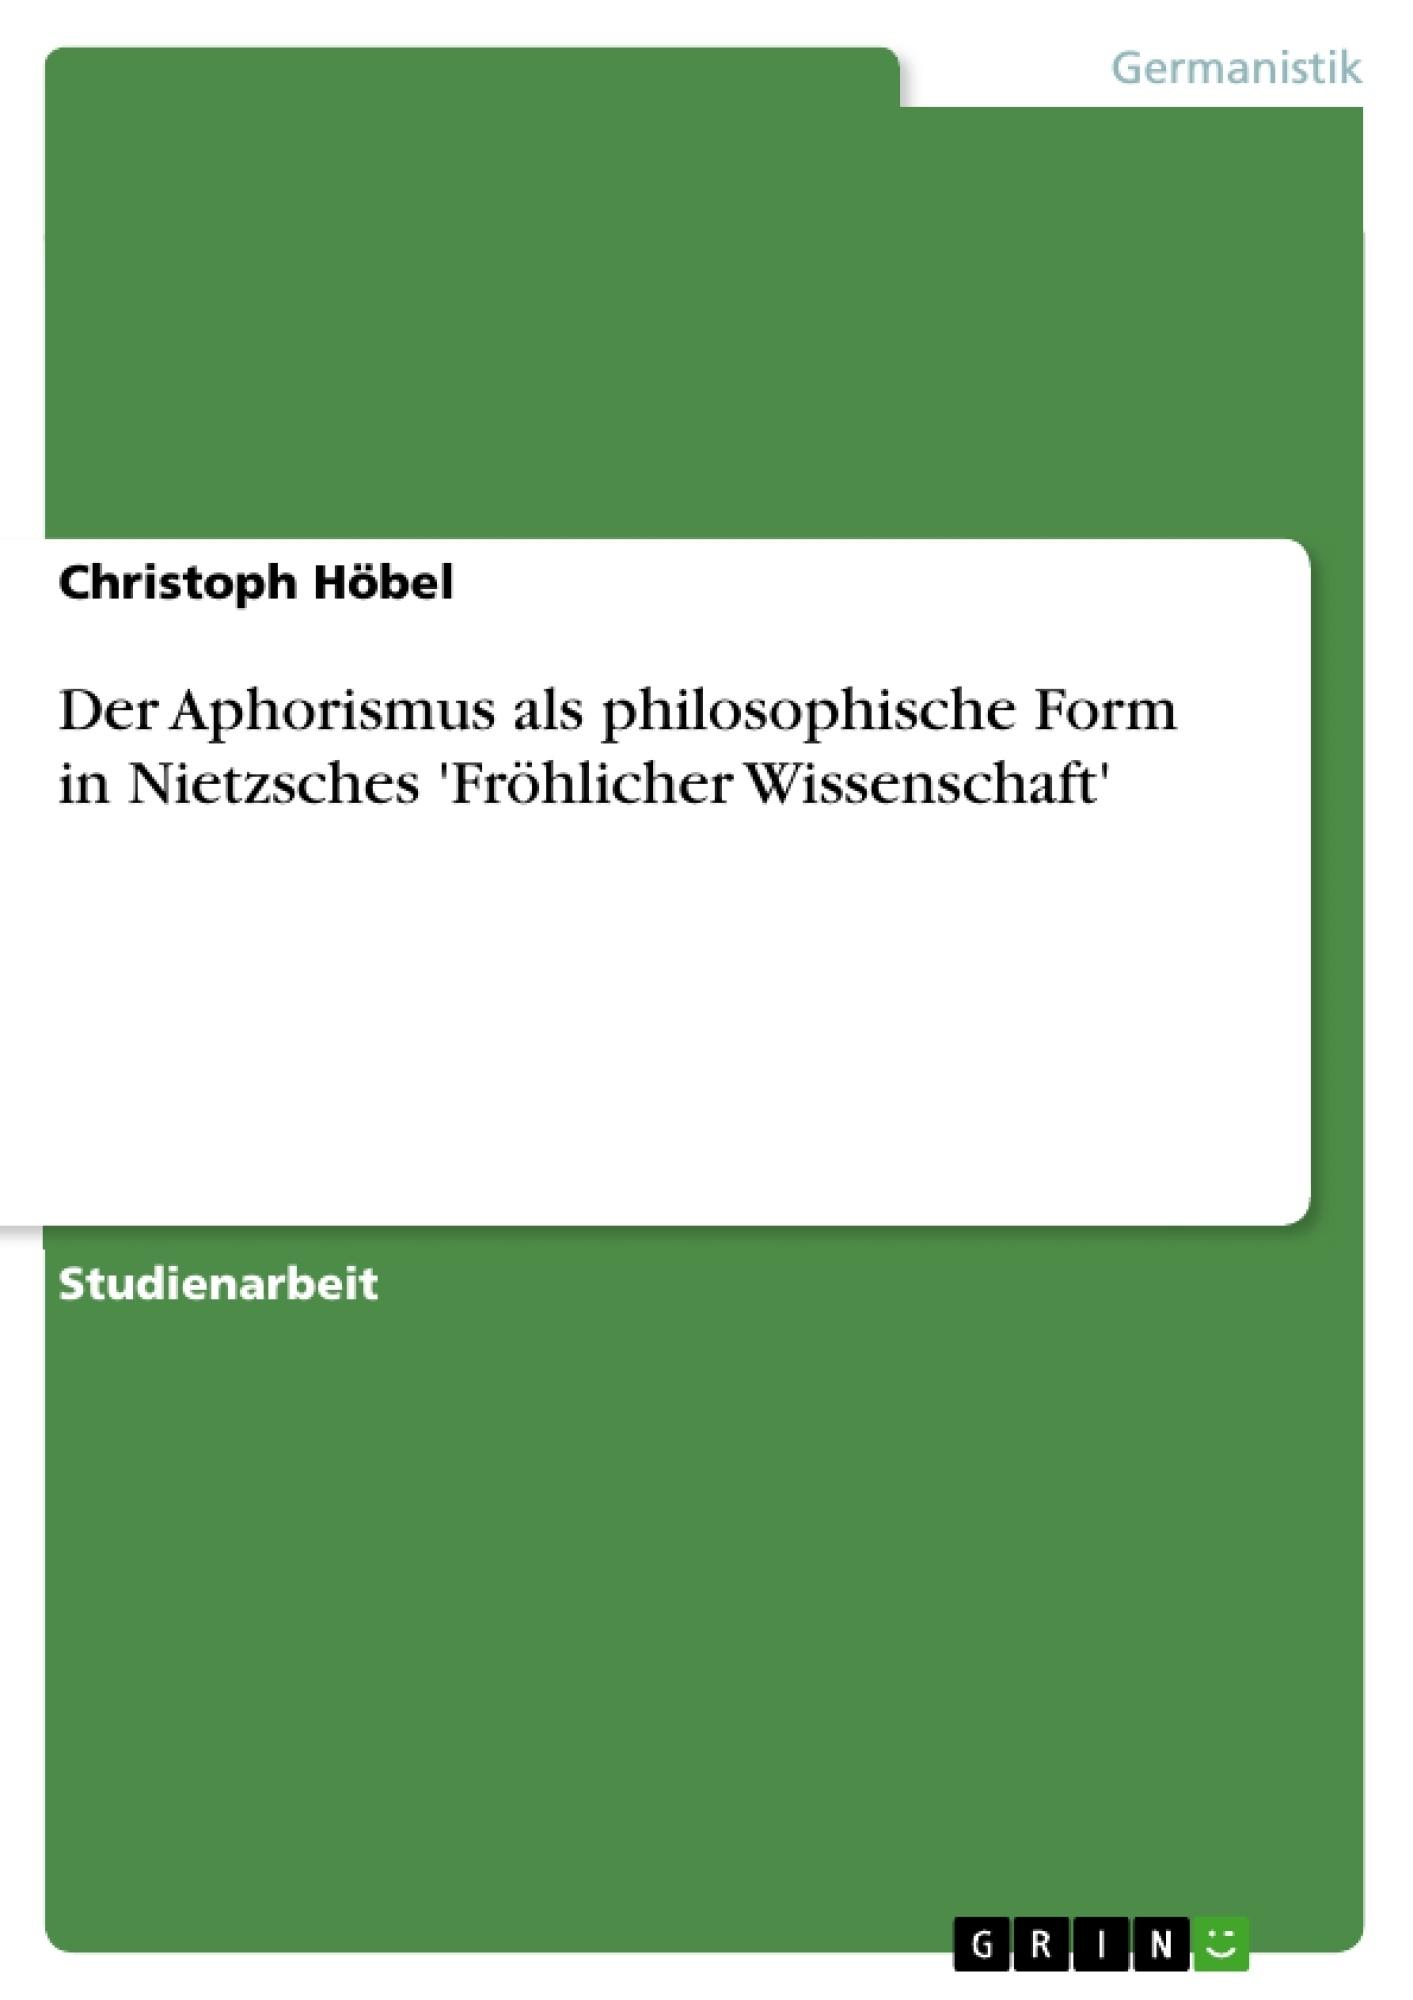 Titel: Der Aphorismus als philosophische Form in Nietzsches 'Fröhlicher Wissenschaft'